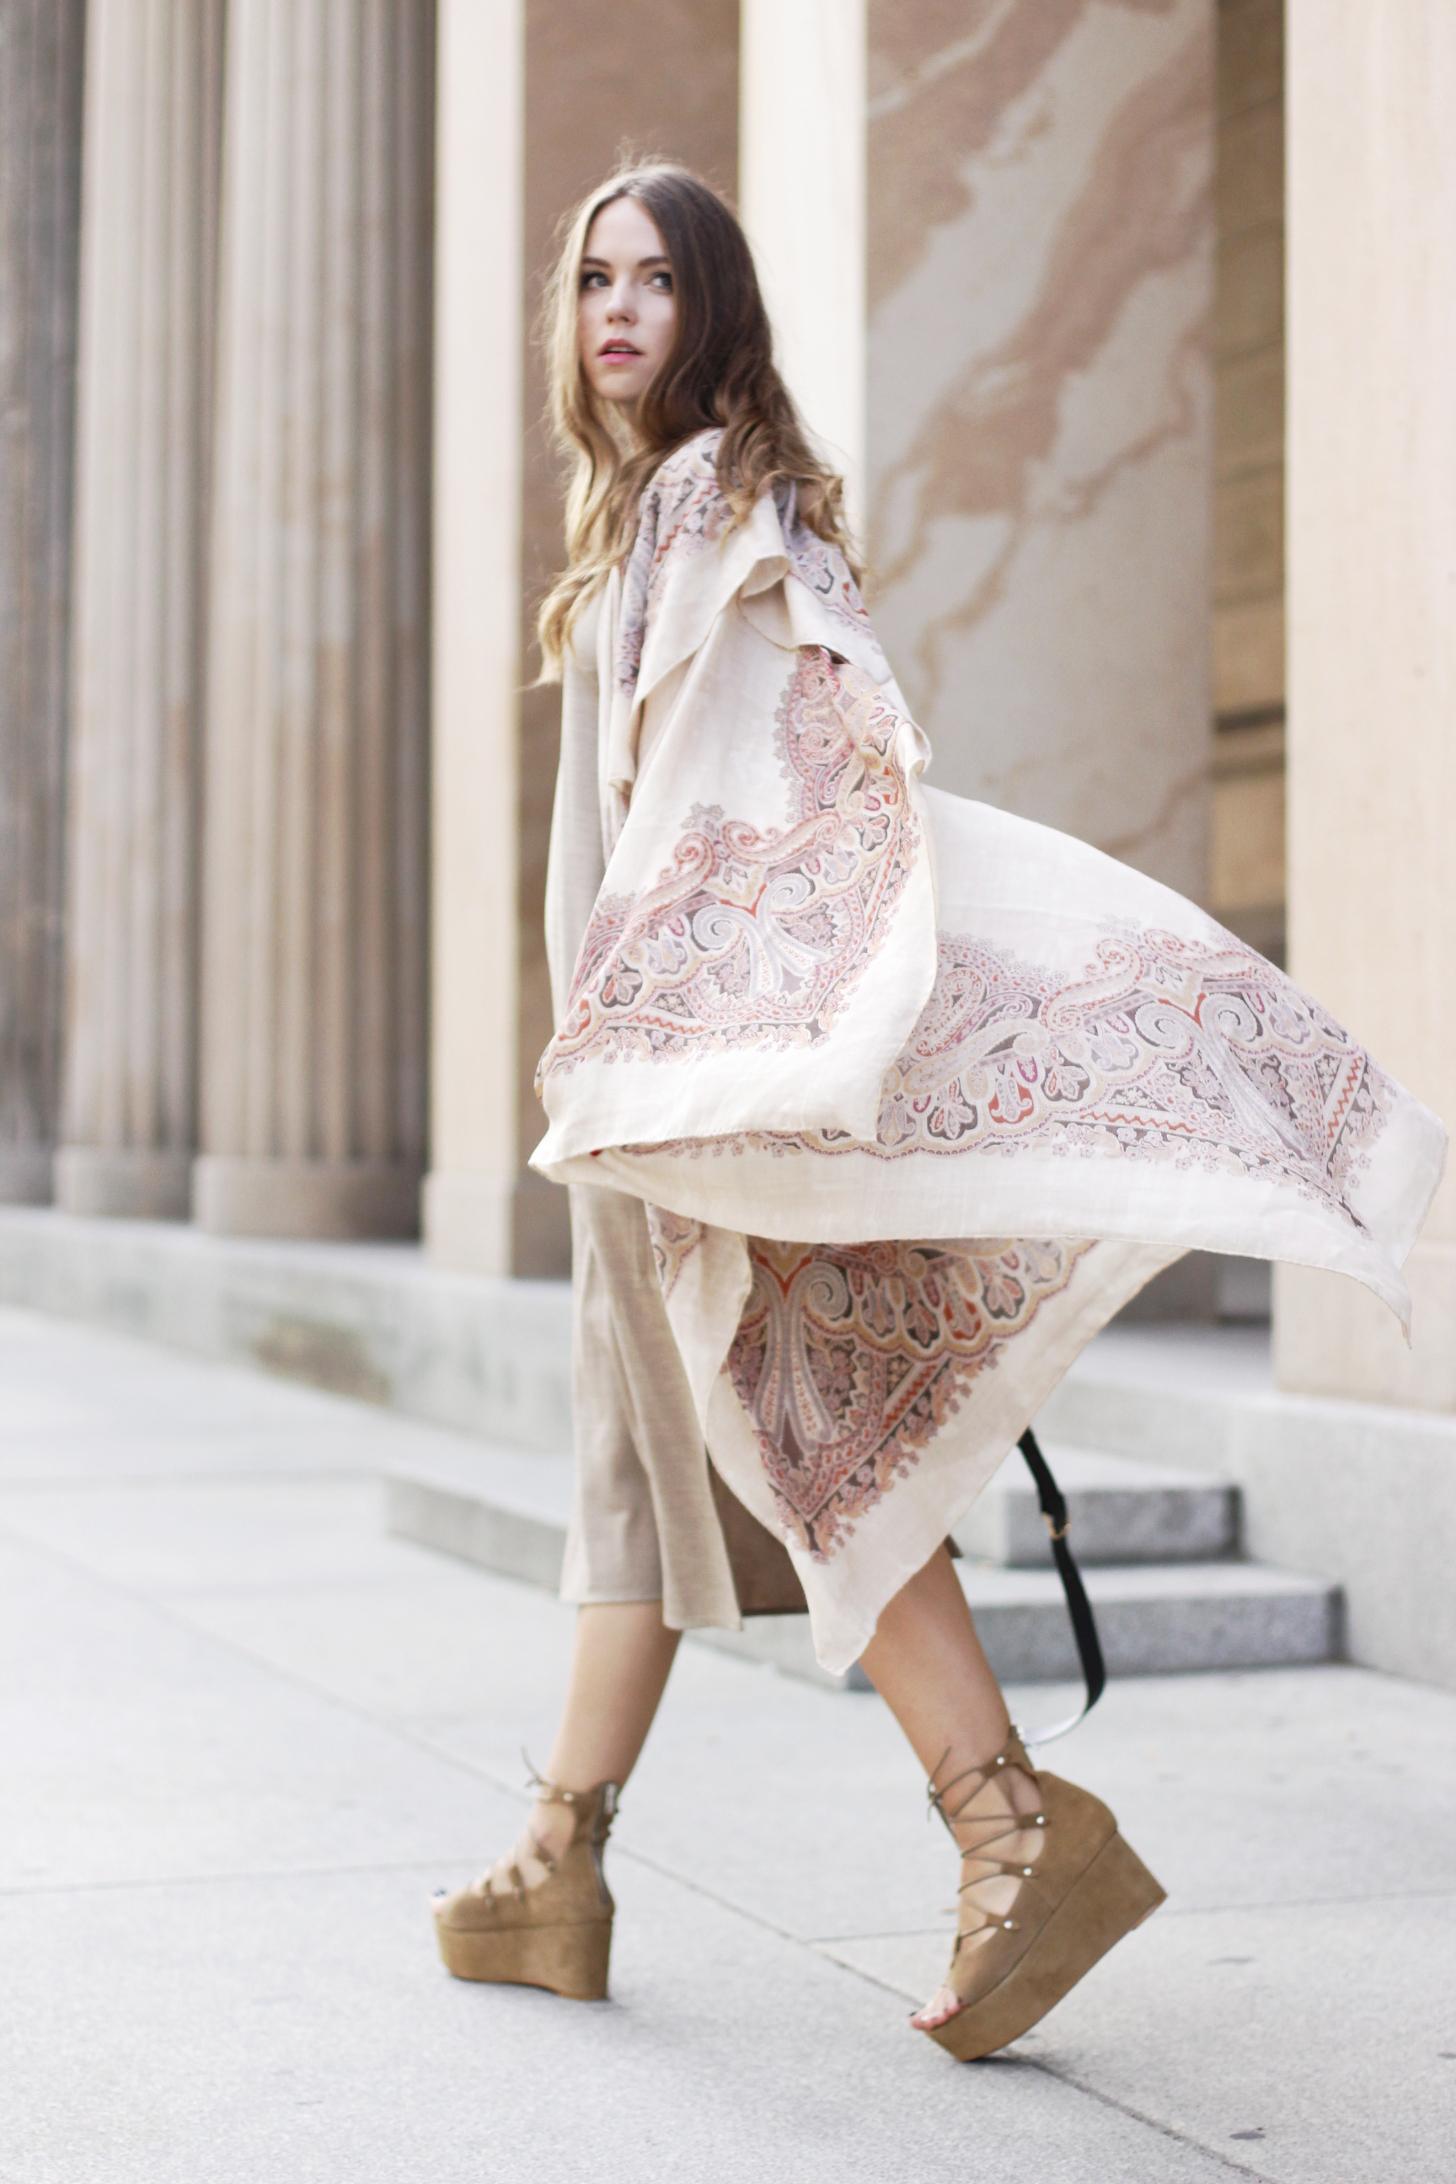 roeckl Tuch mit beiges Kleid und Mango Sandalen